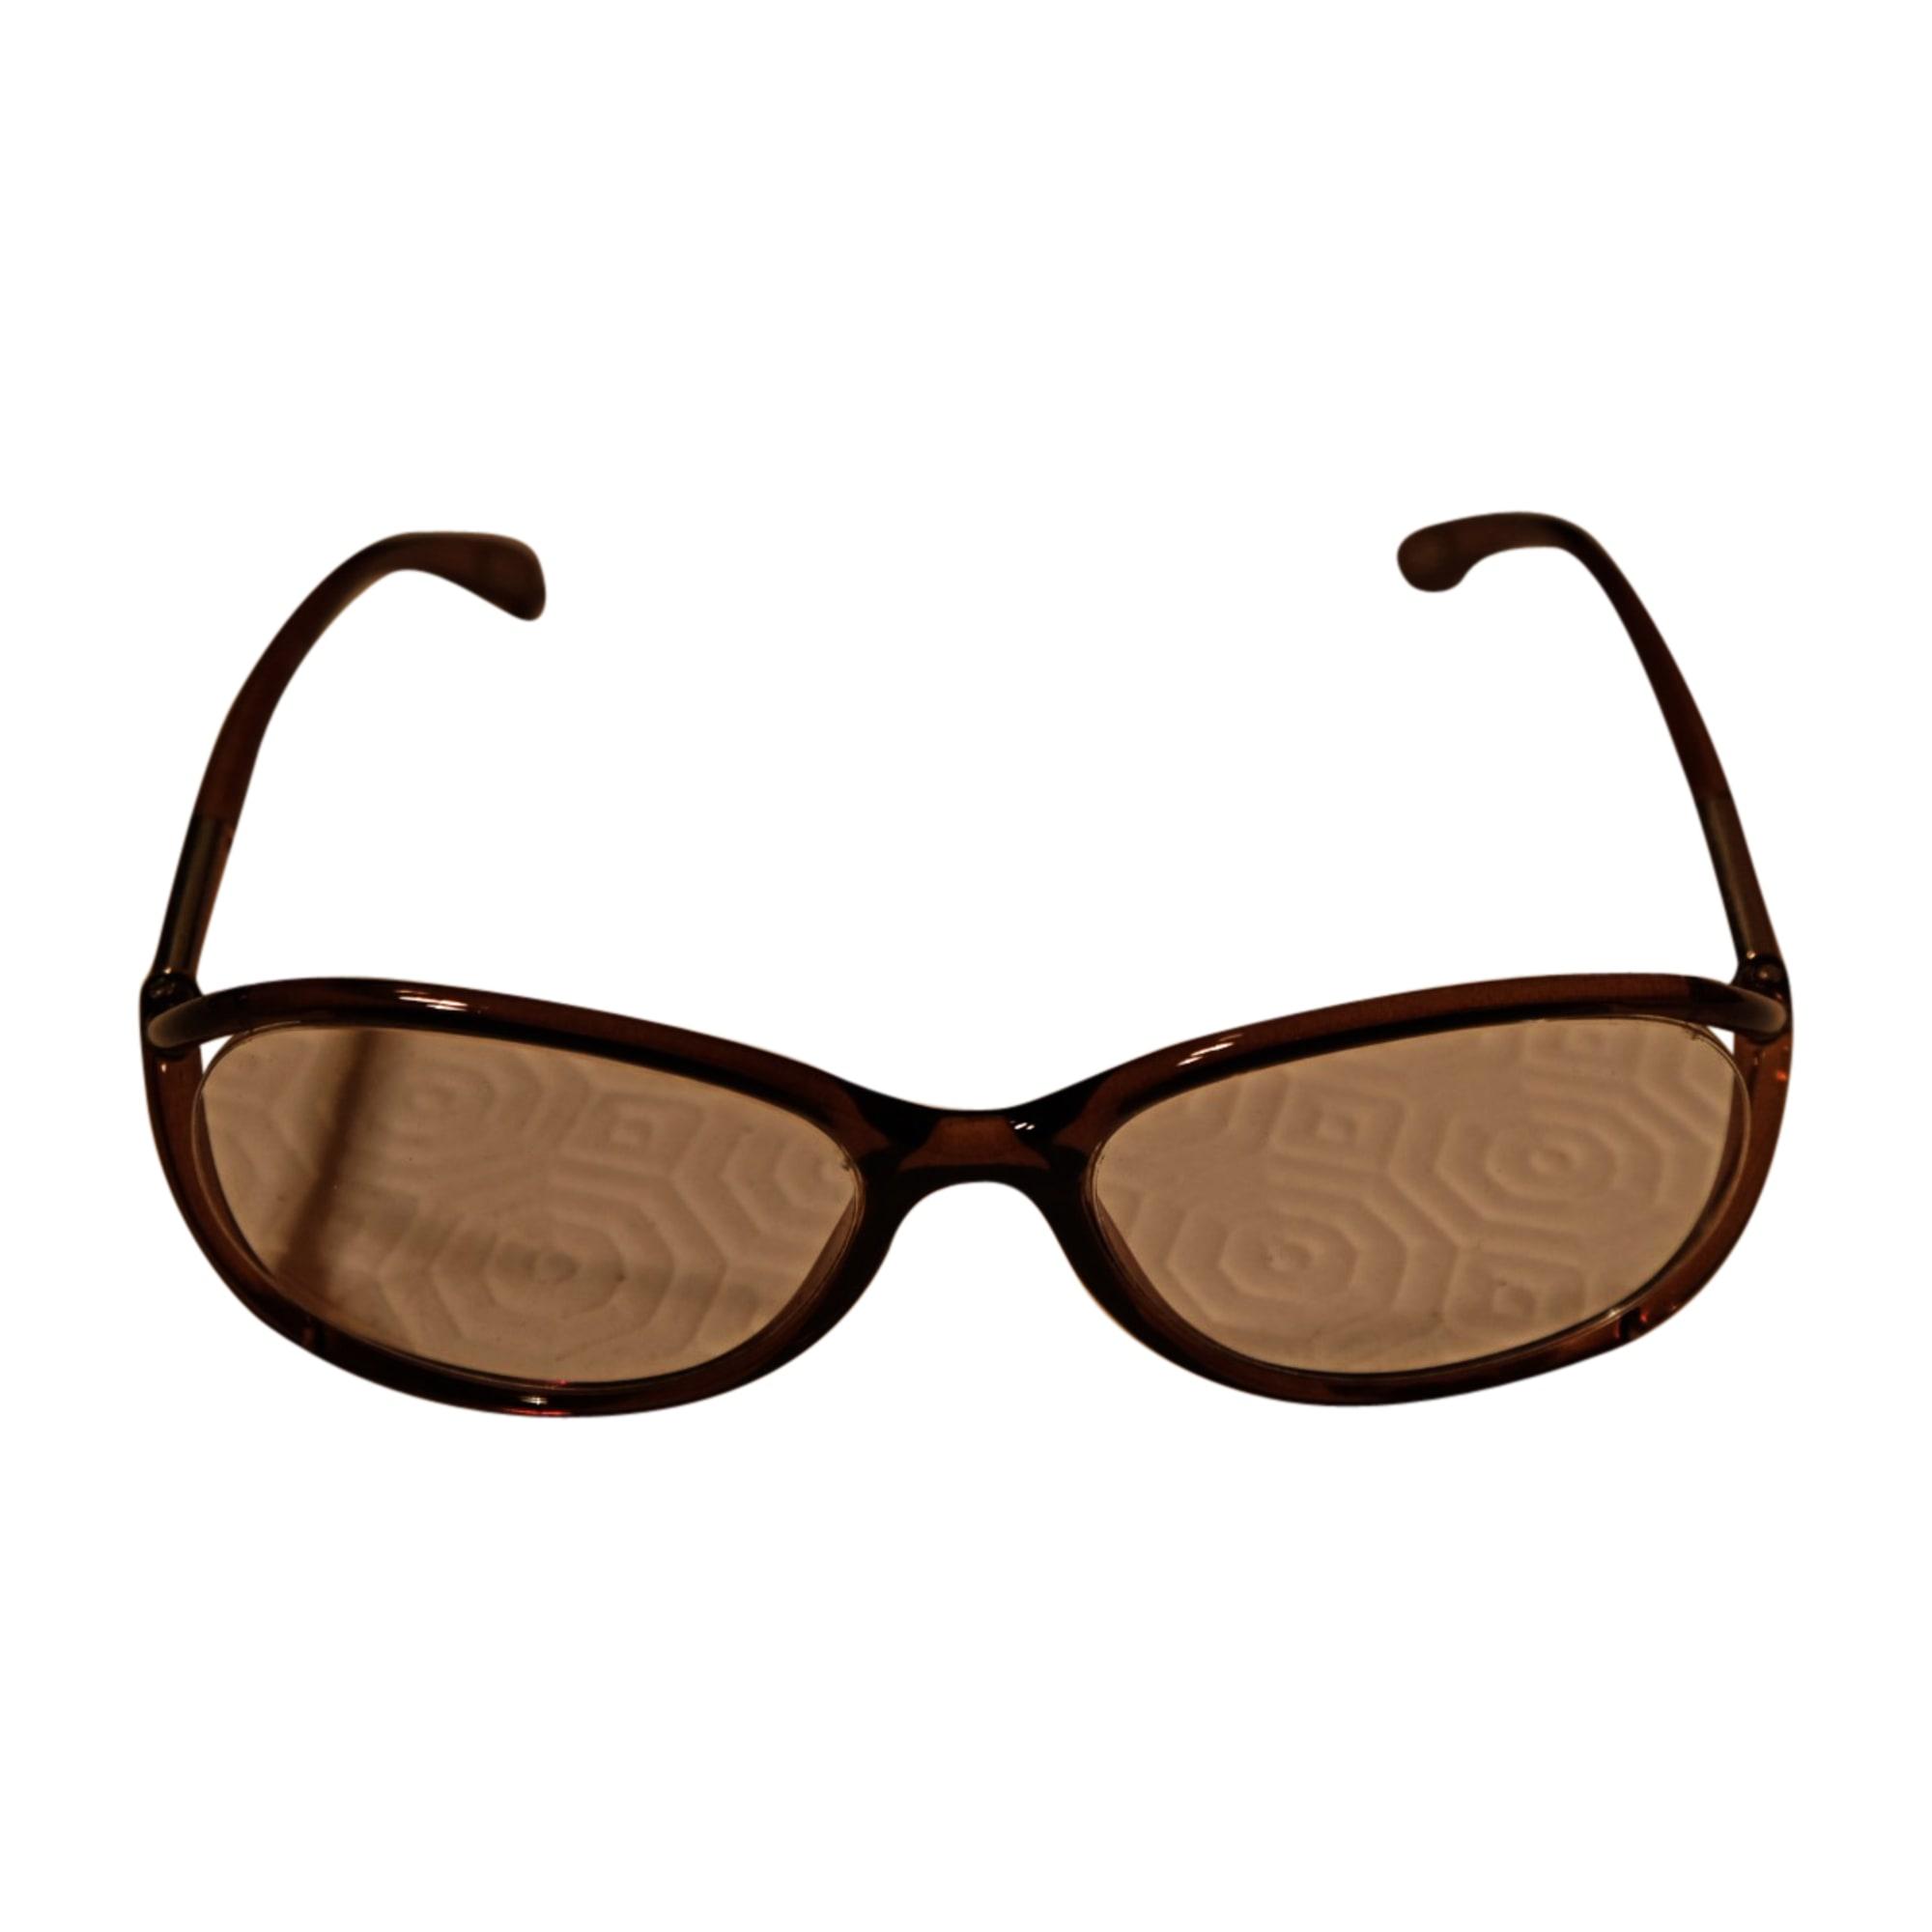 Monture de lunettes TOM FORD marron - 7975945 501557675dd8